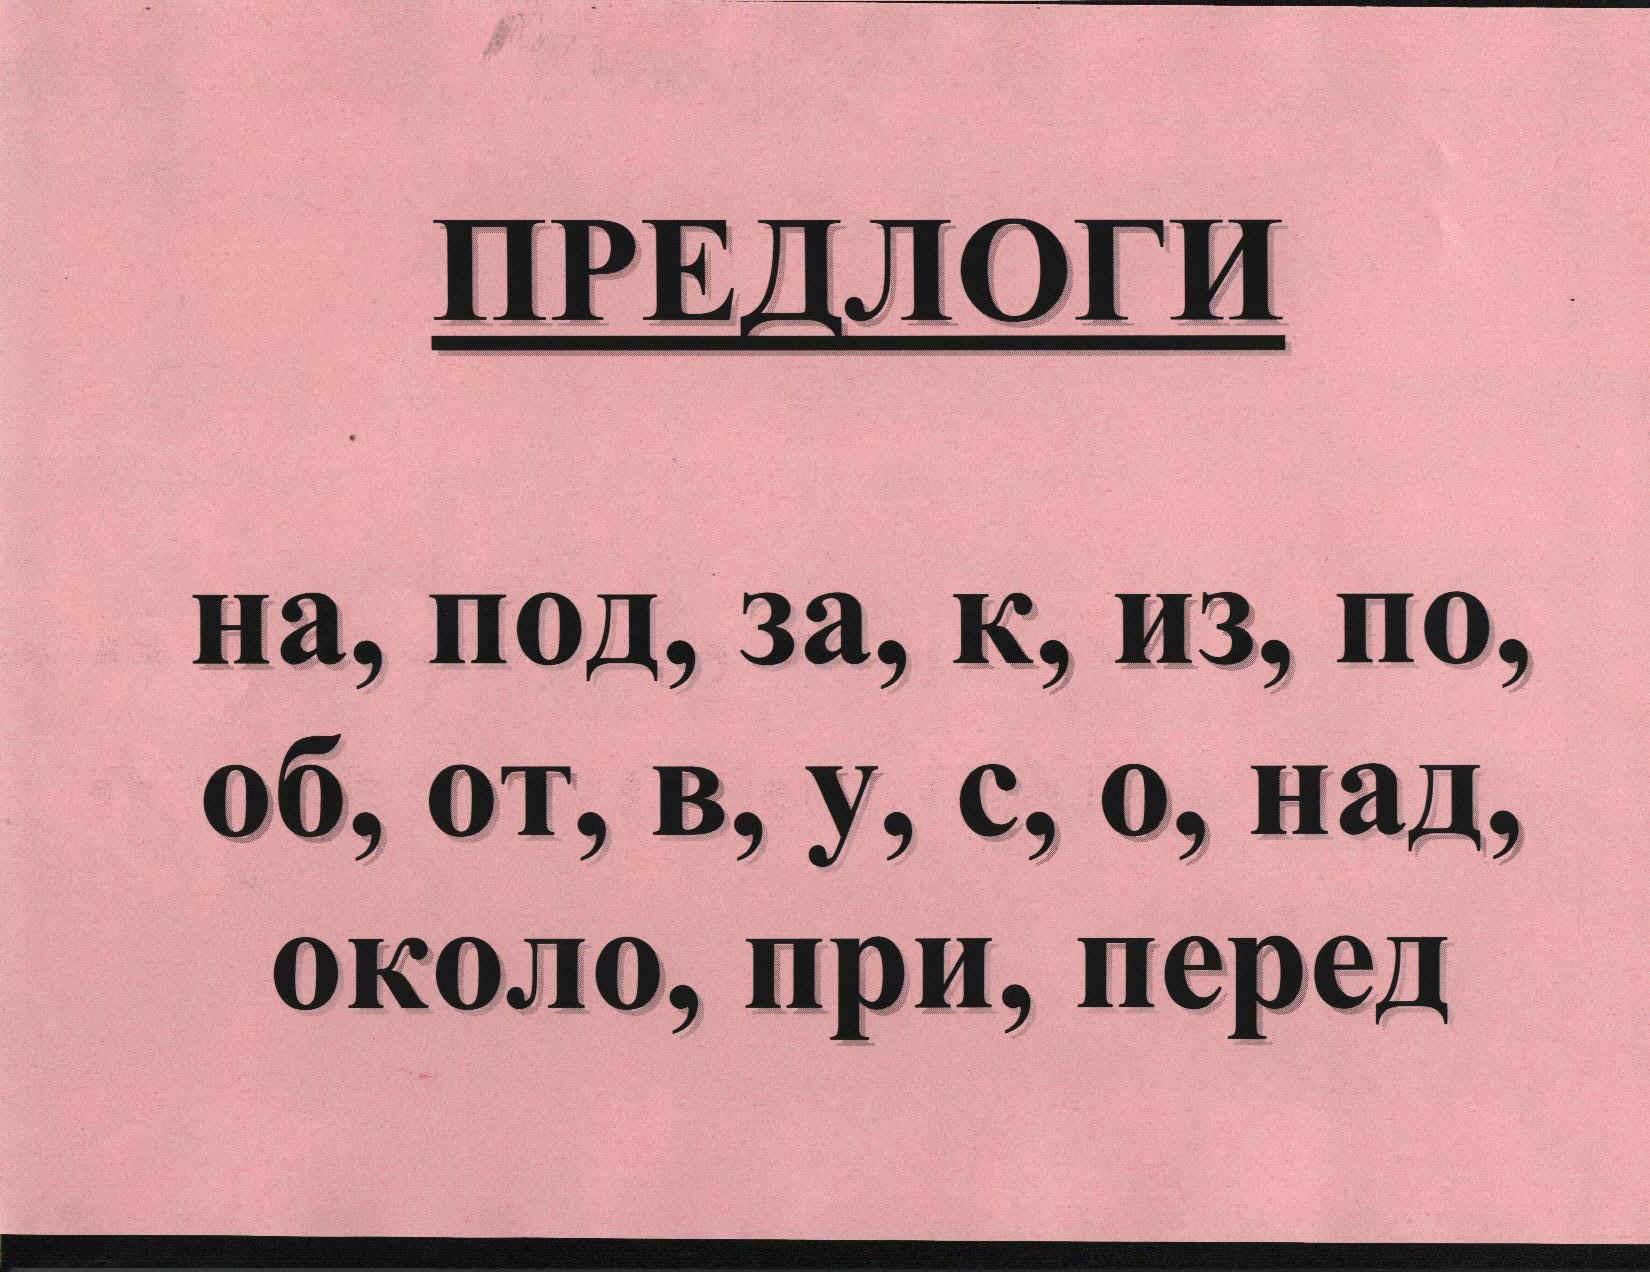 Для чего нужны фразеологизмы в русском языке